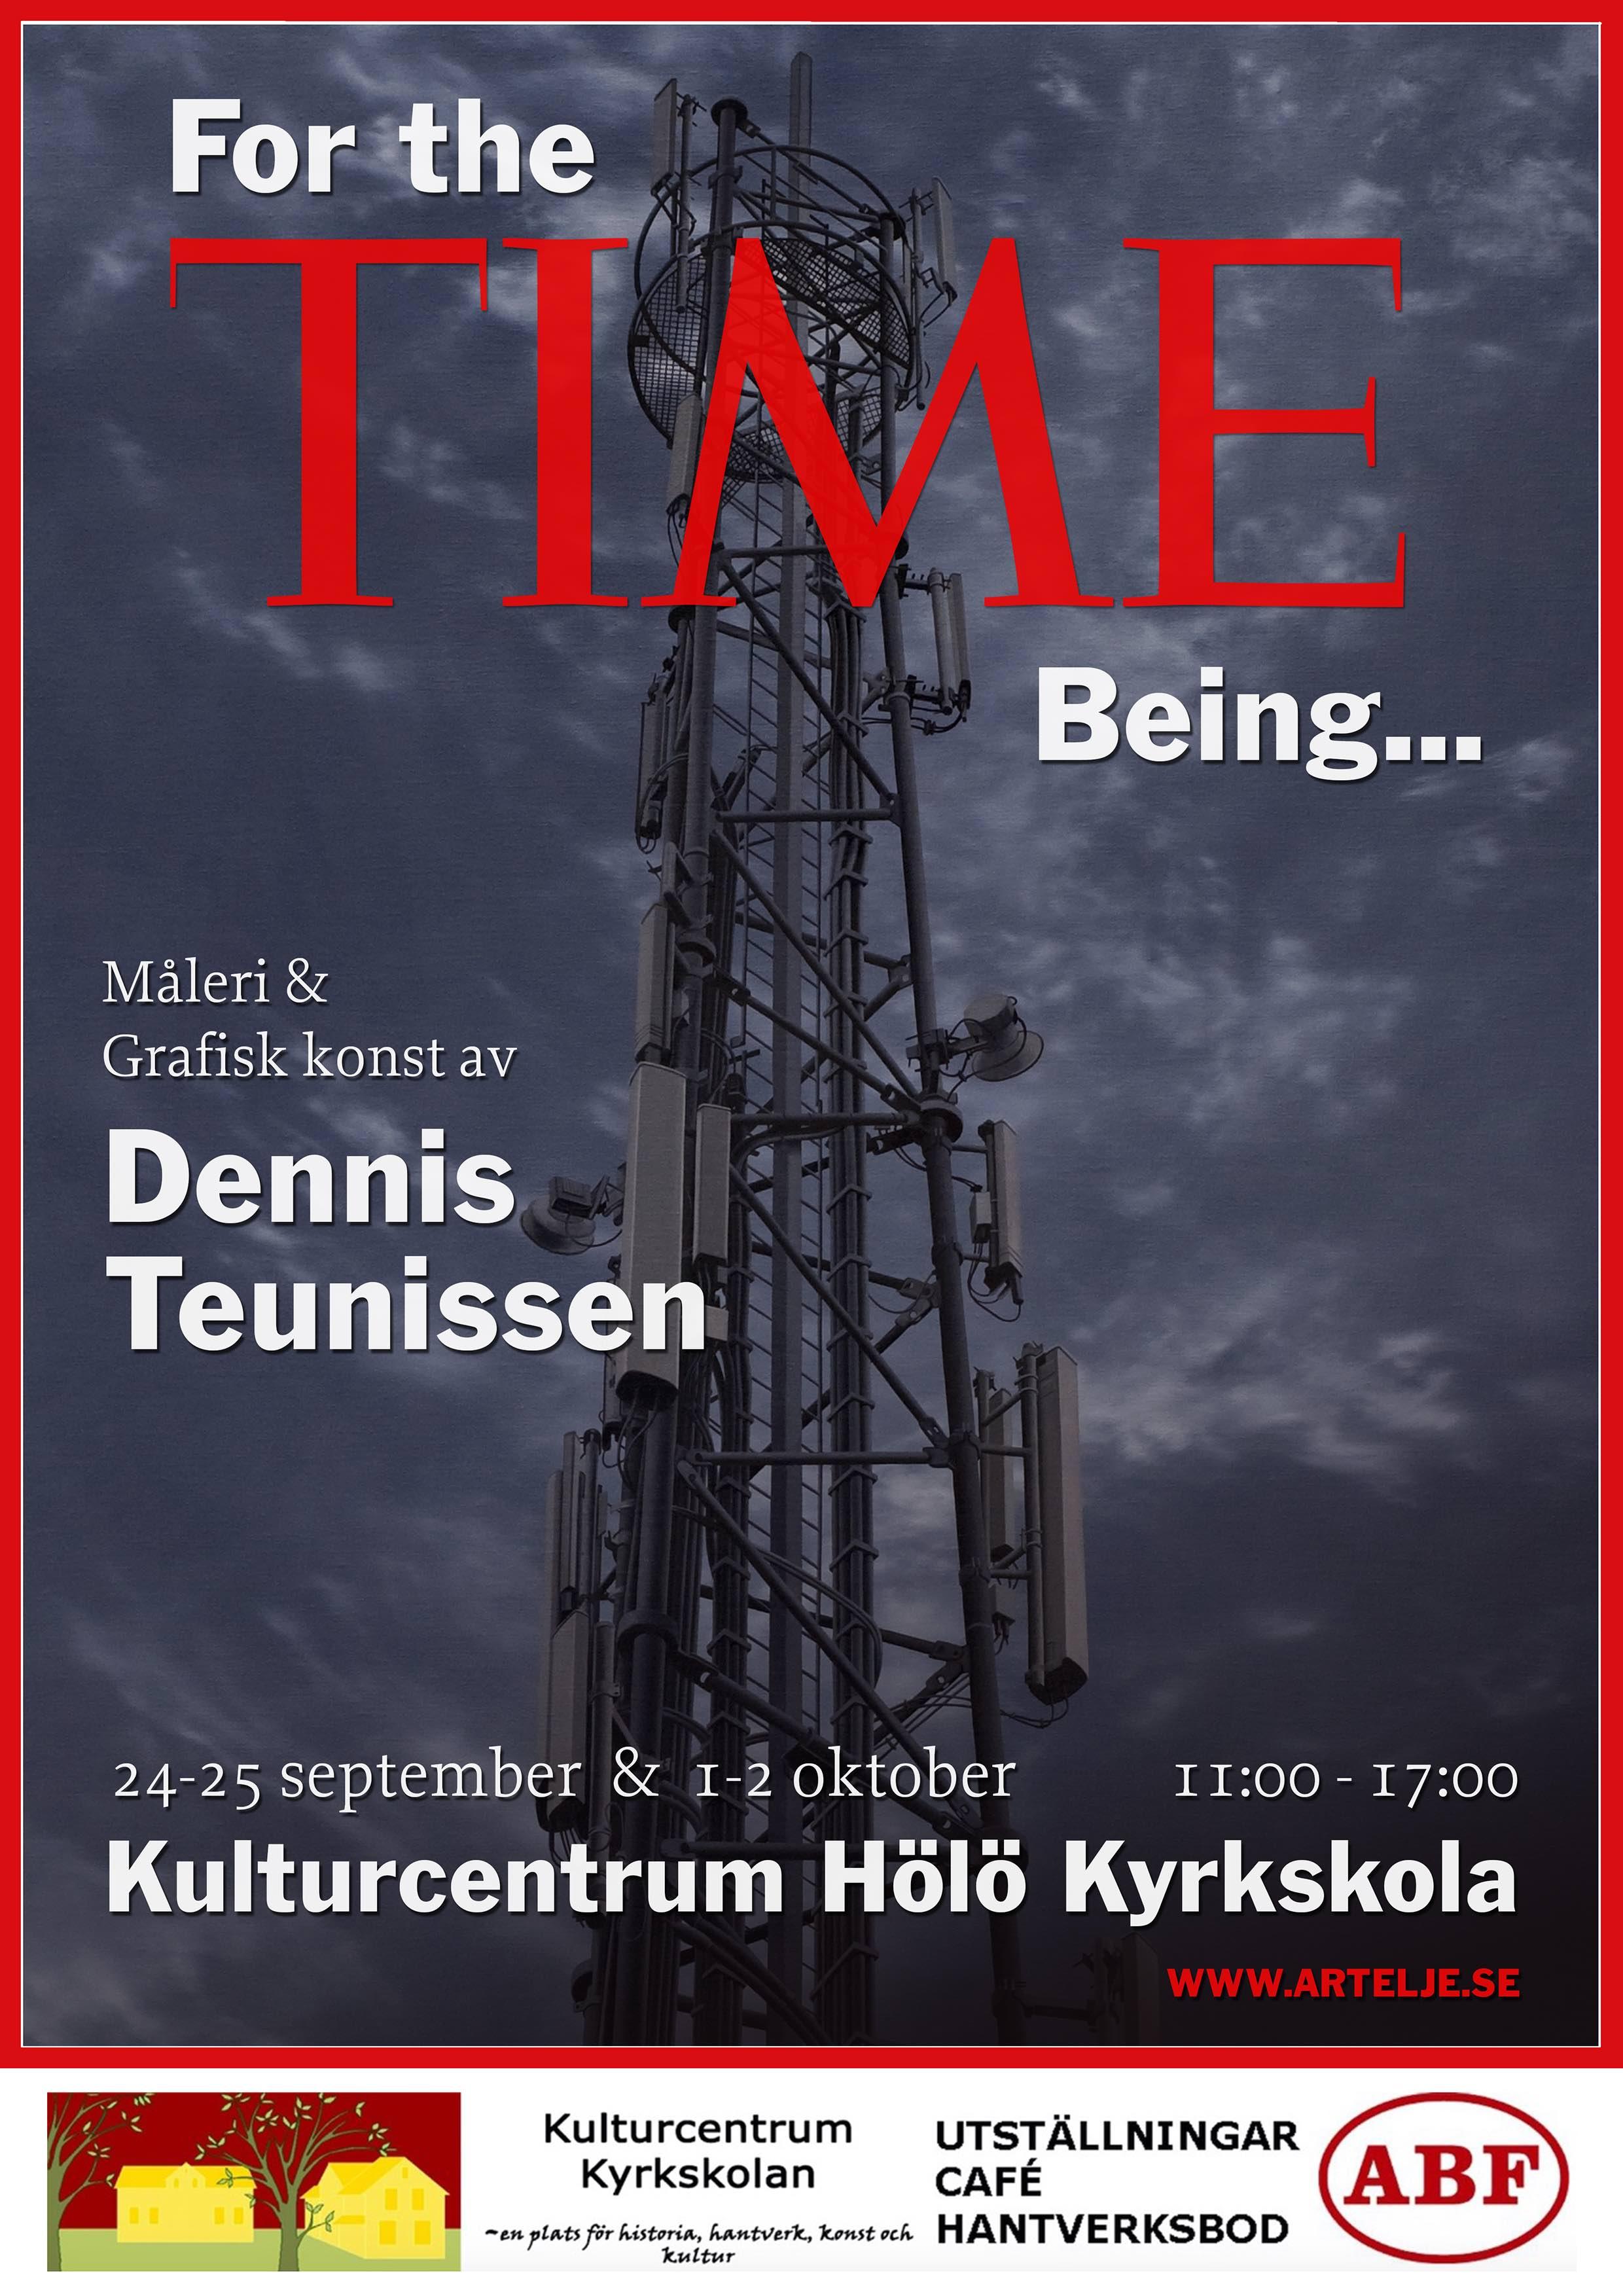 Dennis Teunissen Konstutställning @ Kulturcentrum Hölö Kyrkskola